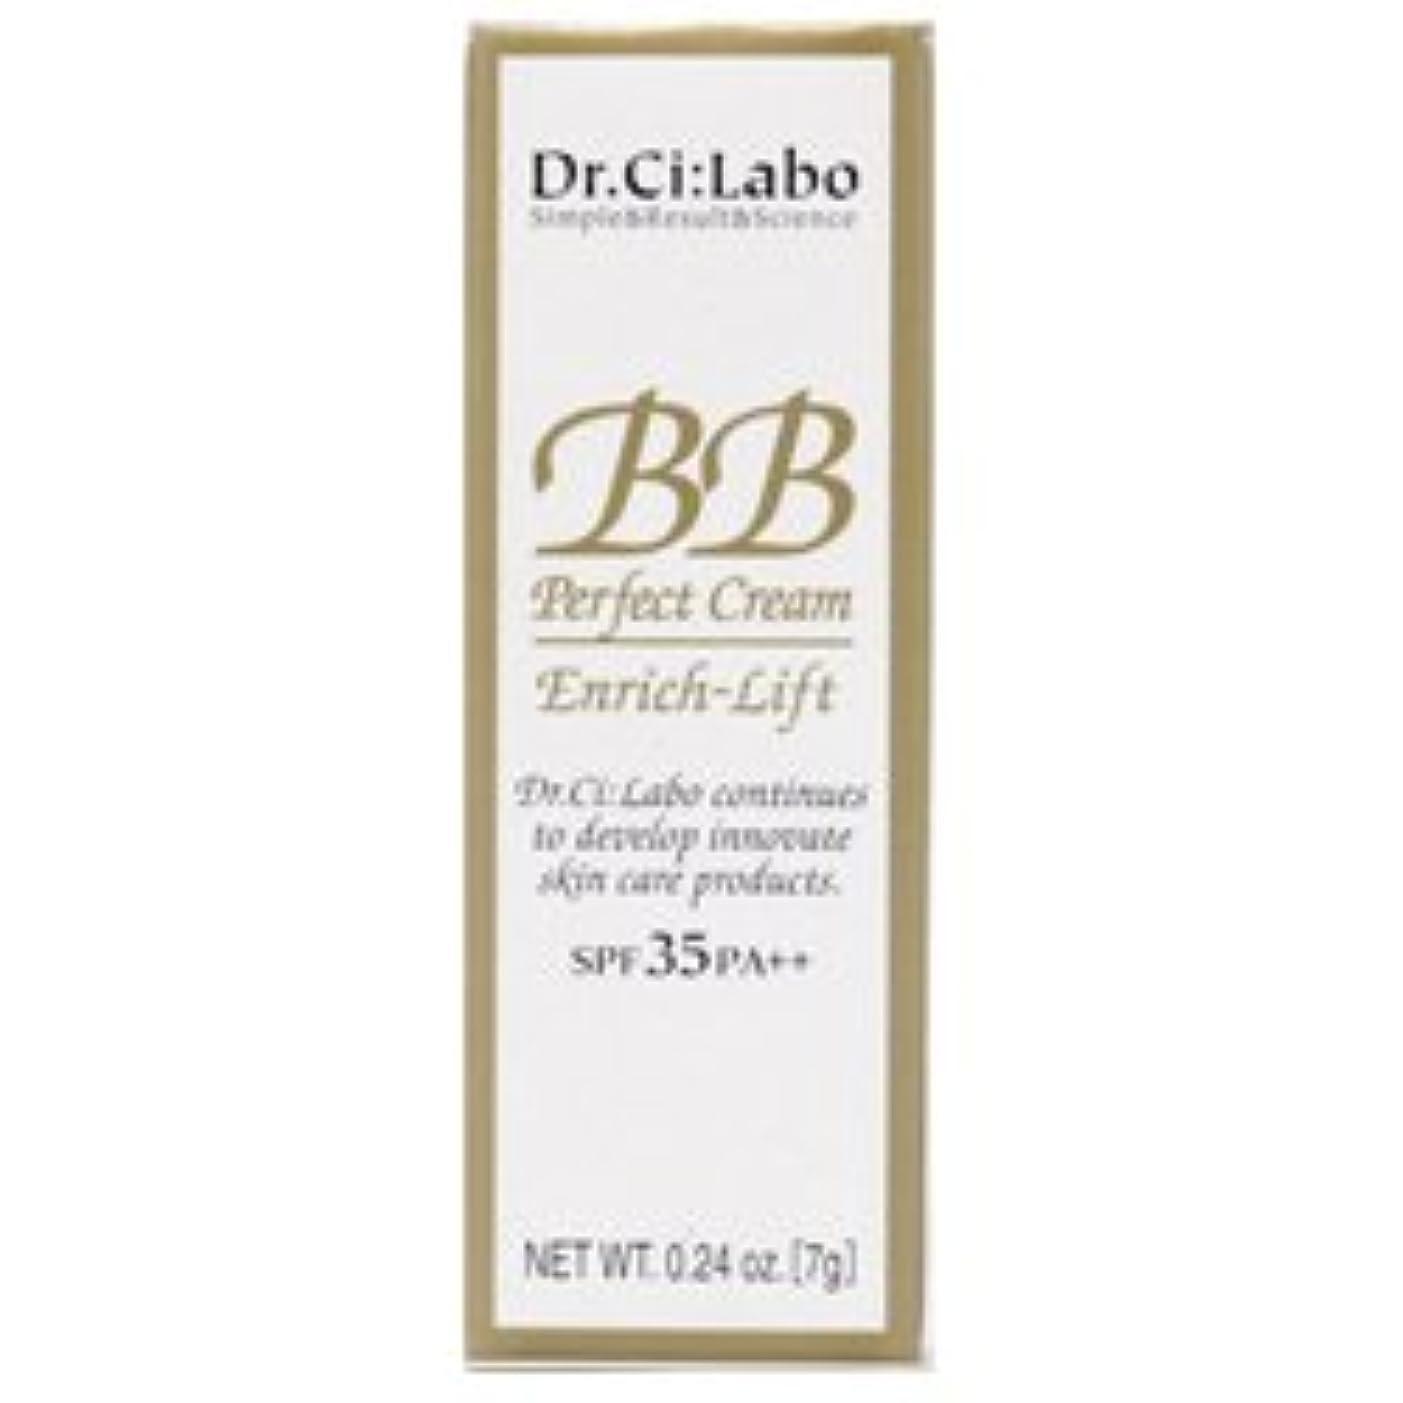 露出度の高い仮定するぜいたく【ミニサイズ 7g】 ドクターシーラボ Dr.Ci:Labo BBパーフェクトクリーム エンリッチリフトv SPF35 PA++